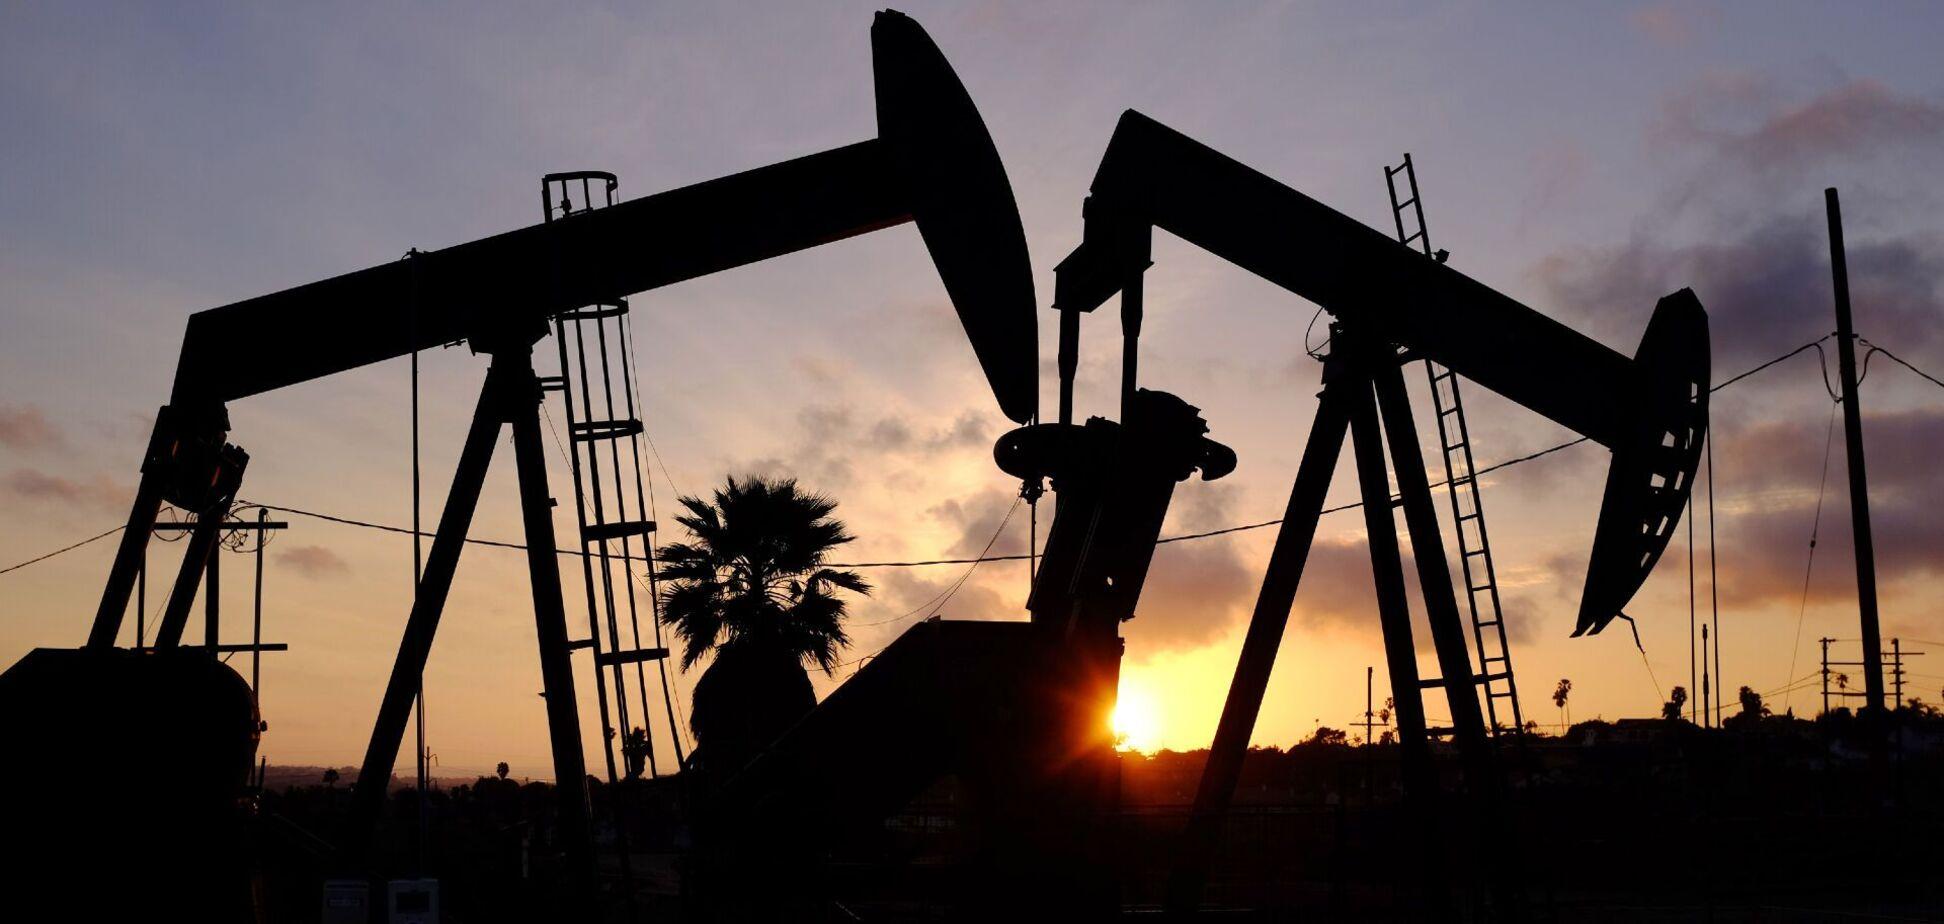 Убыток 'Нефтегаздобычи' составил сотни миллионов гривен